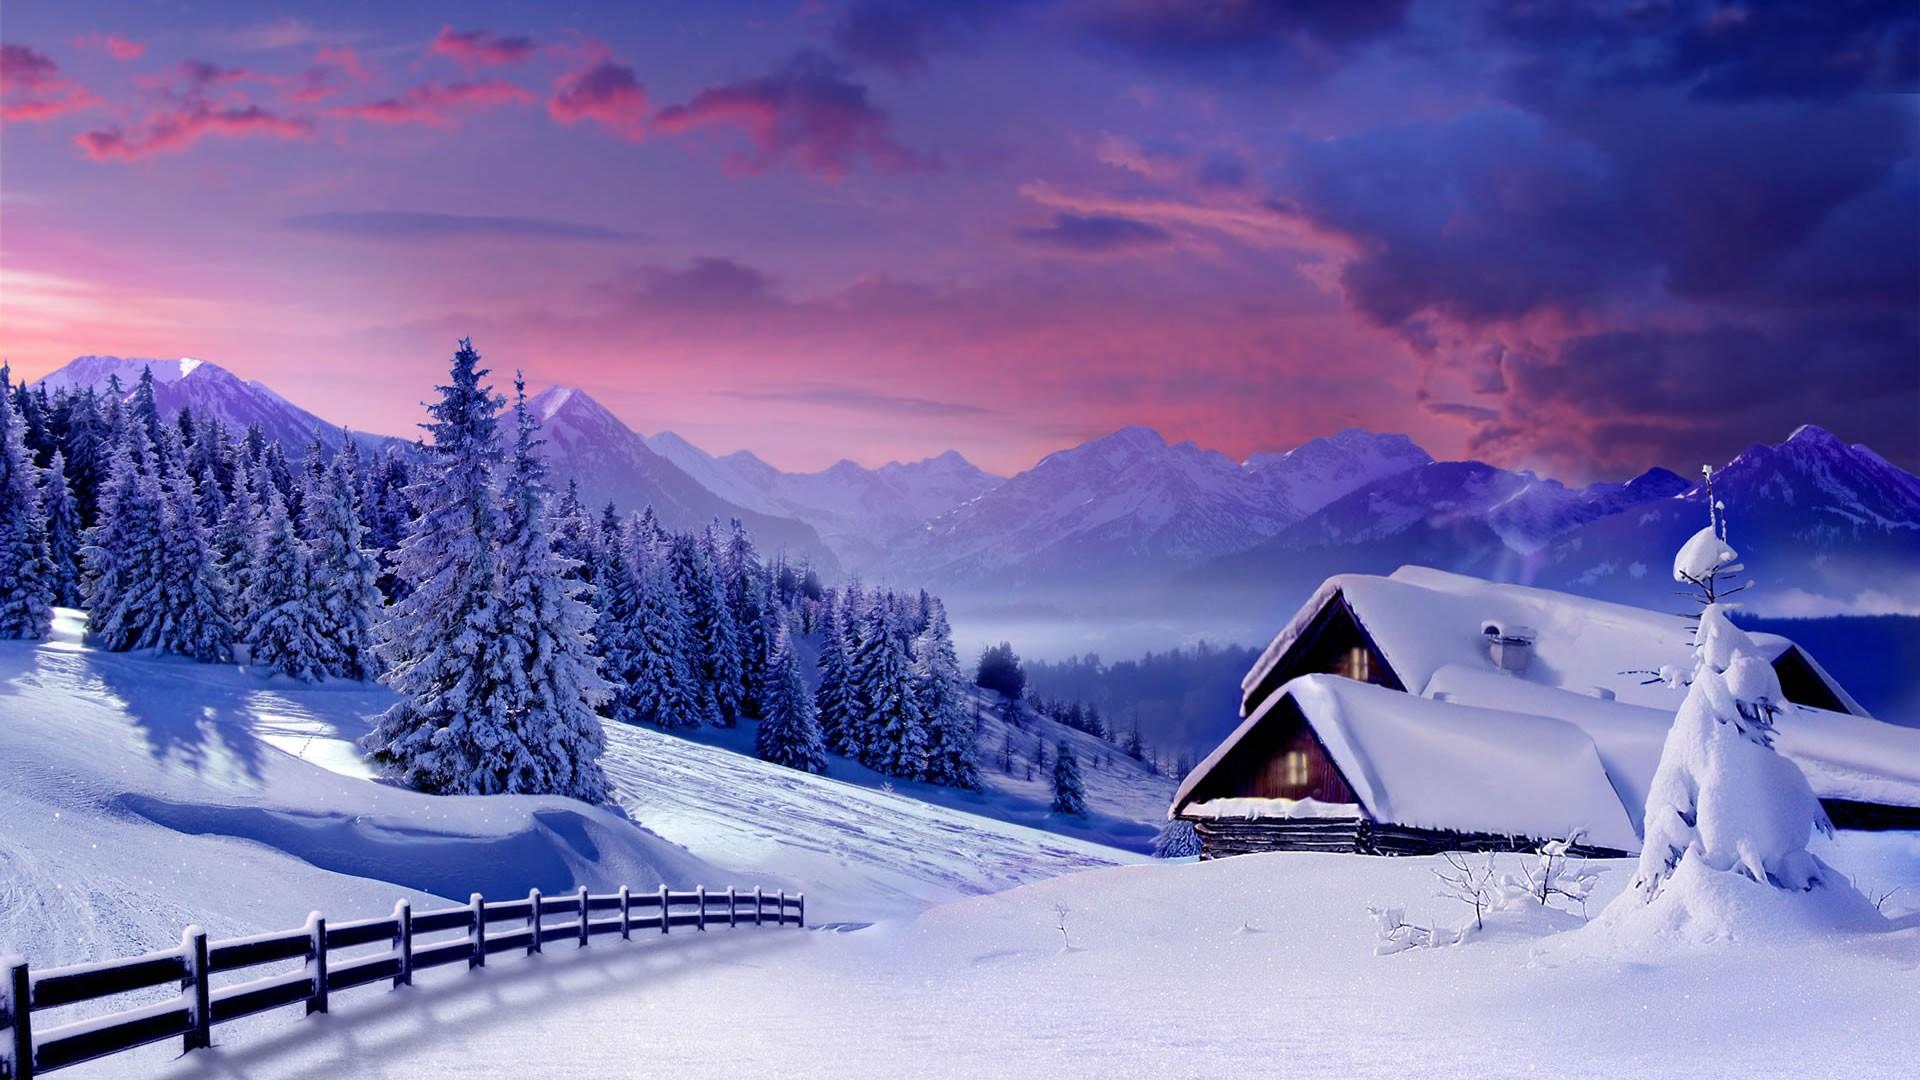 1920x1080 winter desktop wallpapers winter desktop wallpapers 1920x1080